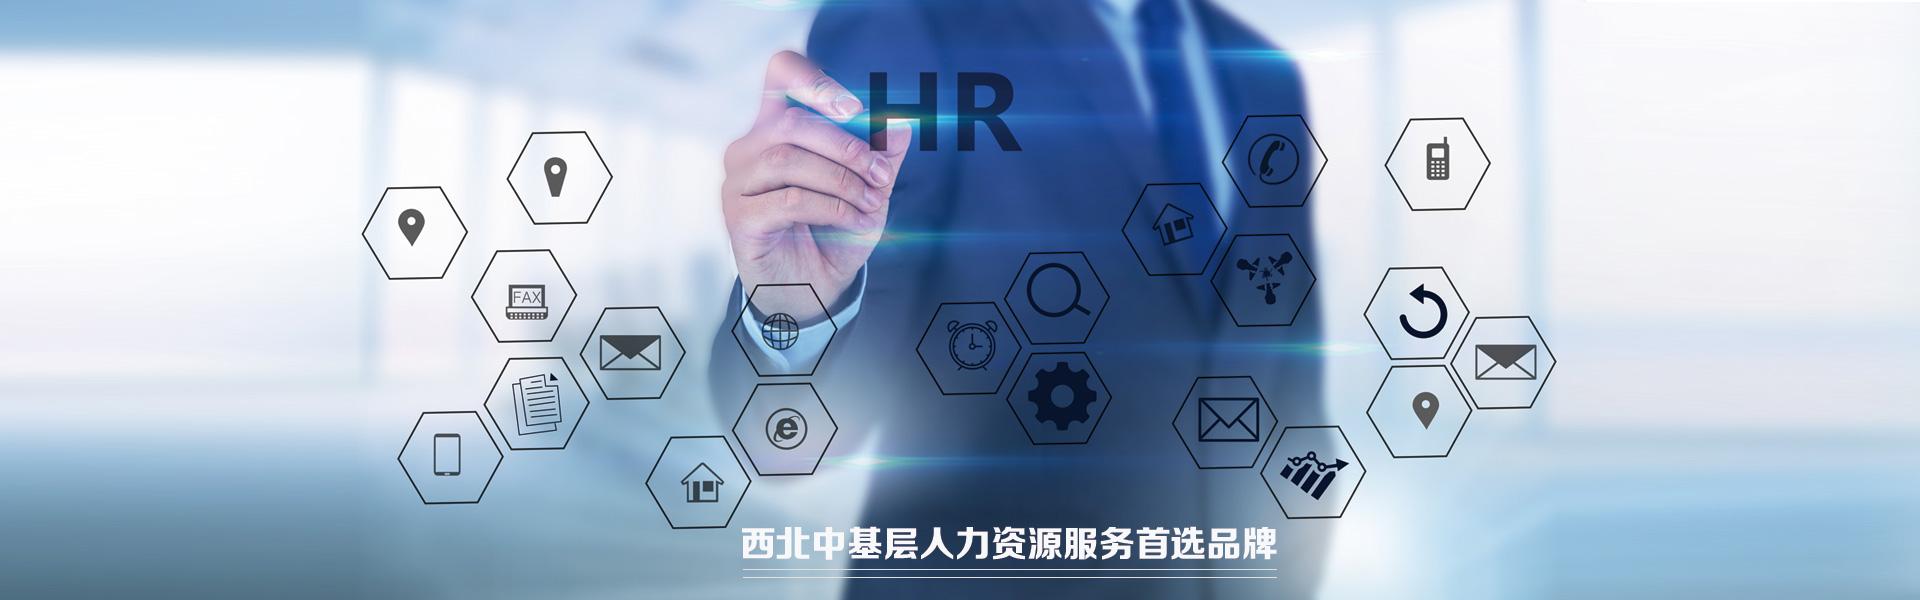 青海博维企业管理有限公司